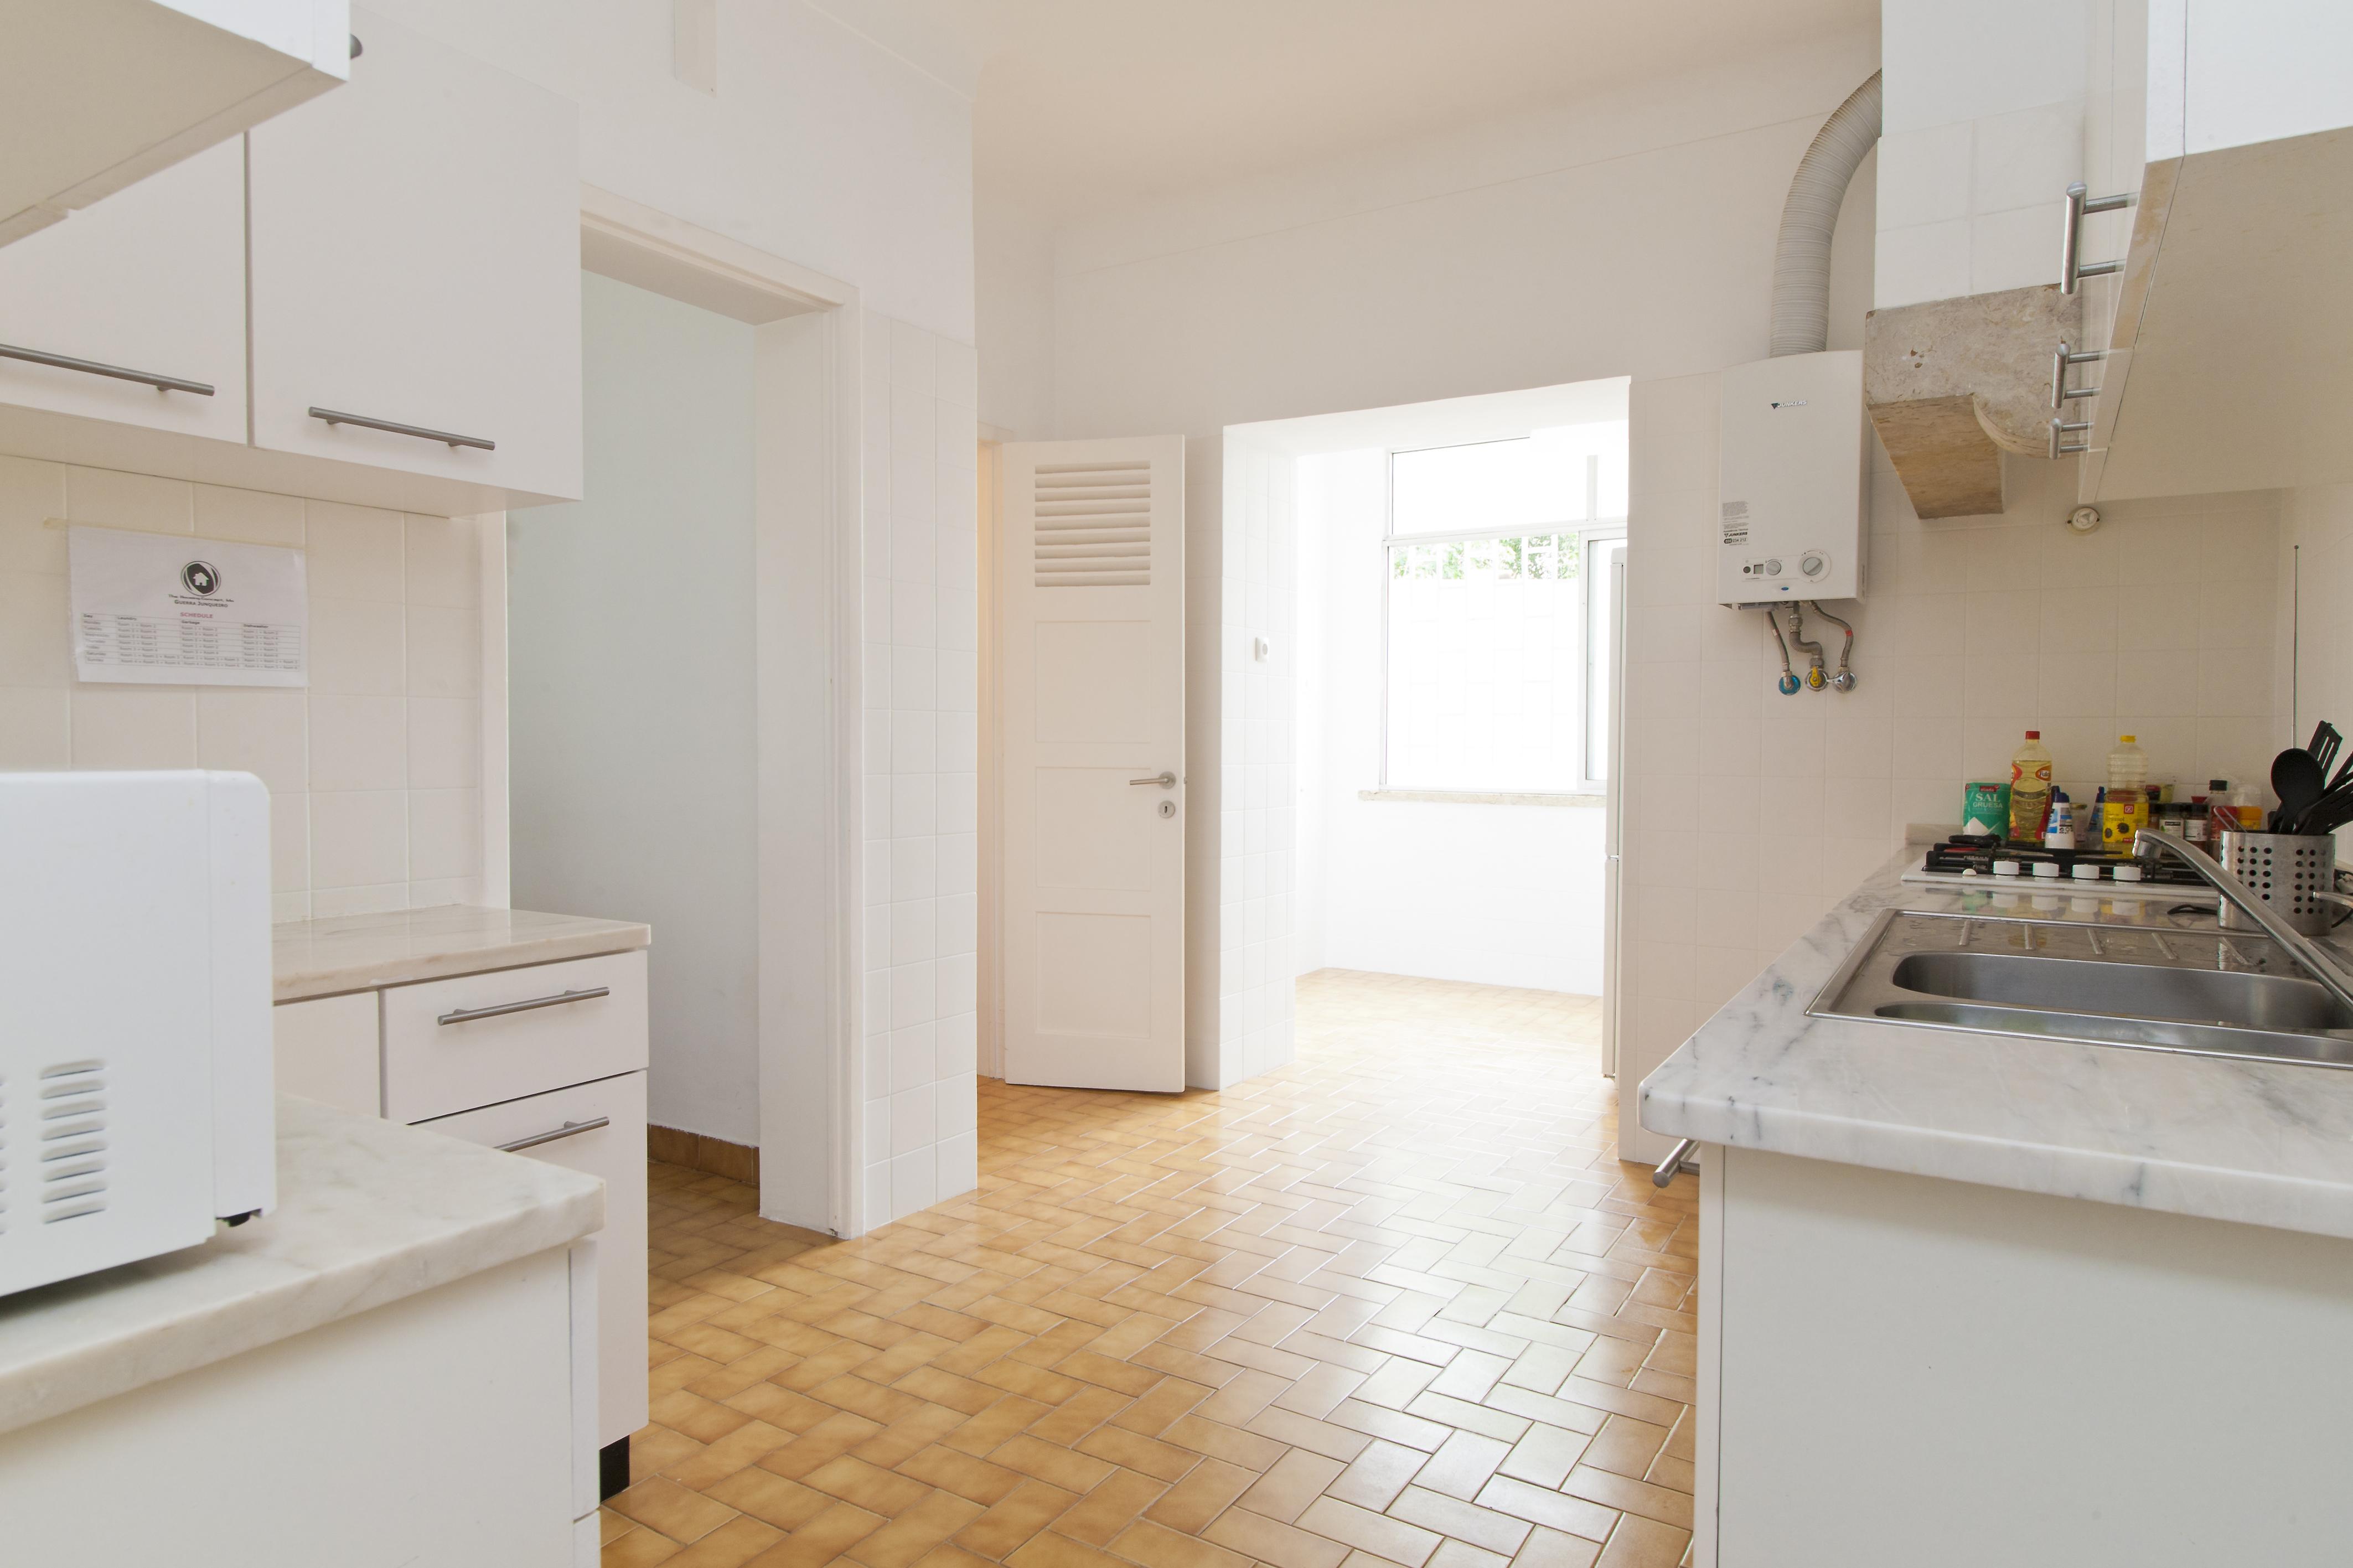 GJ - Kitchen - Foto 0.jpg